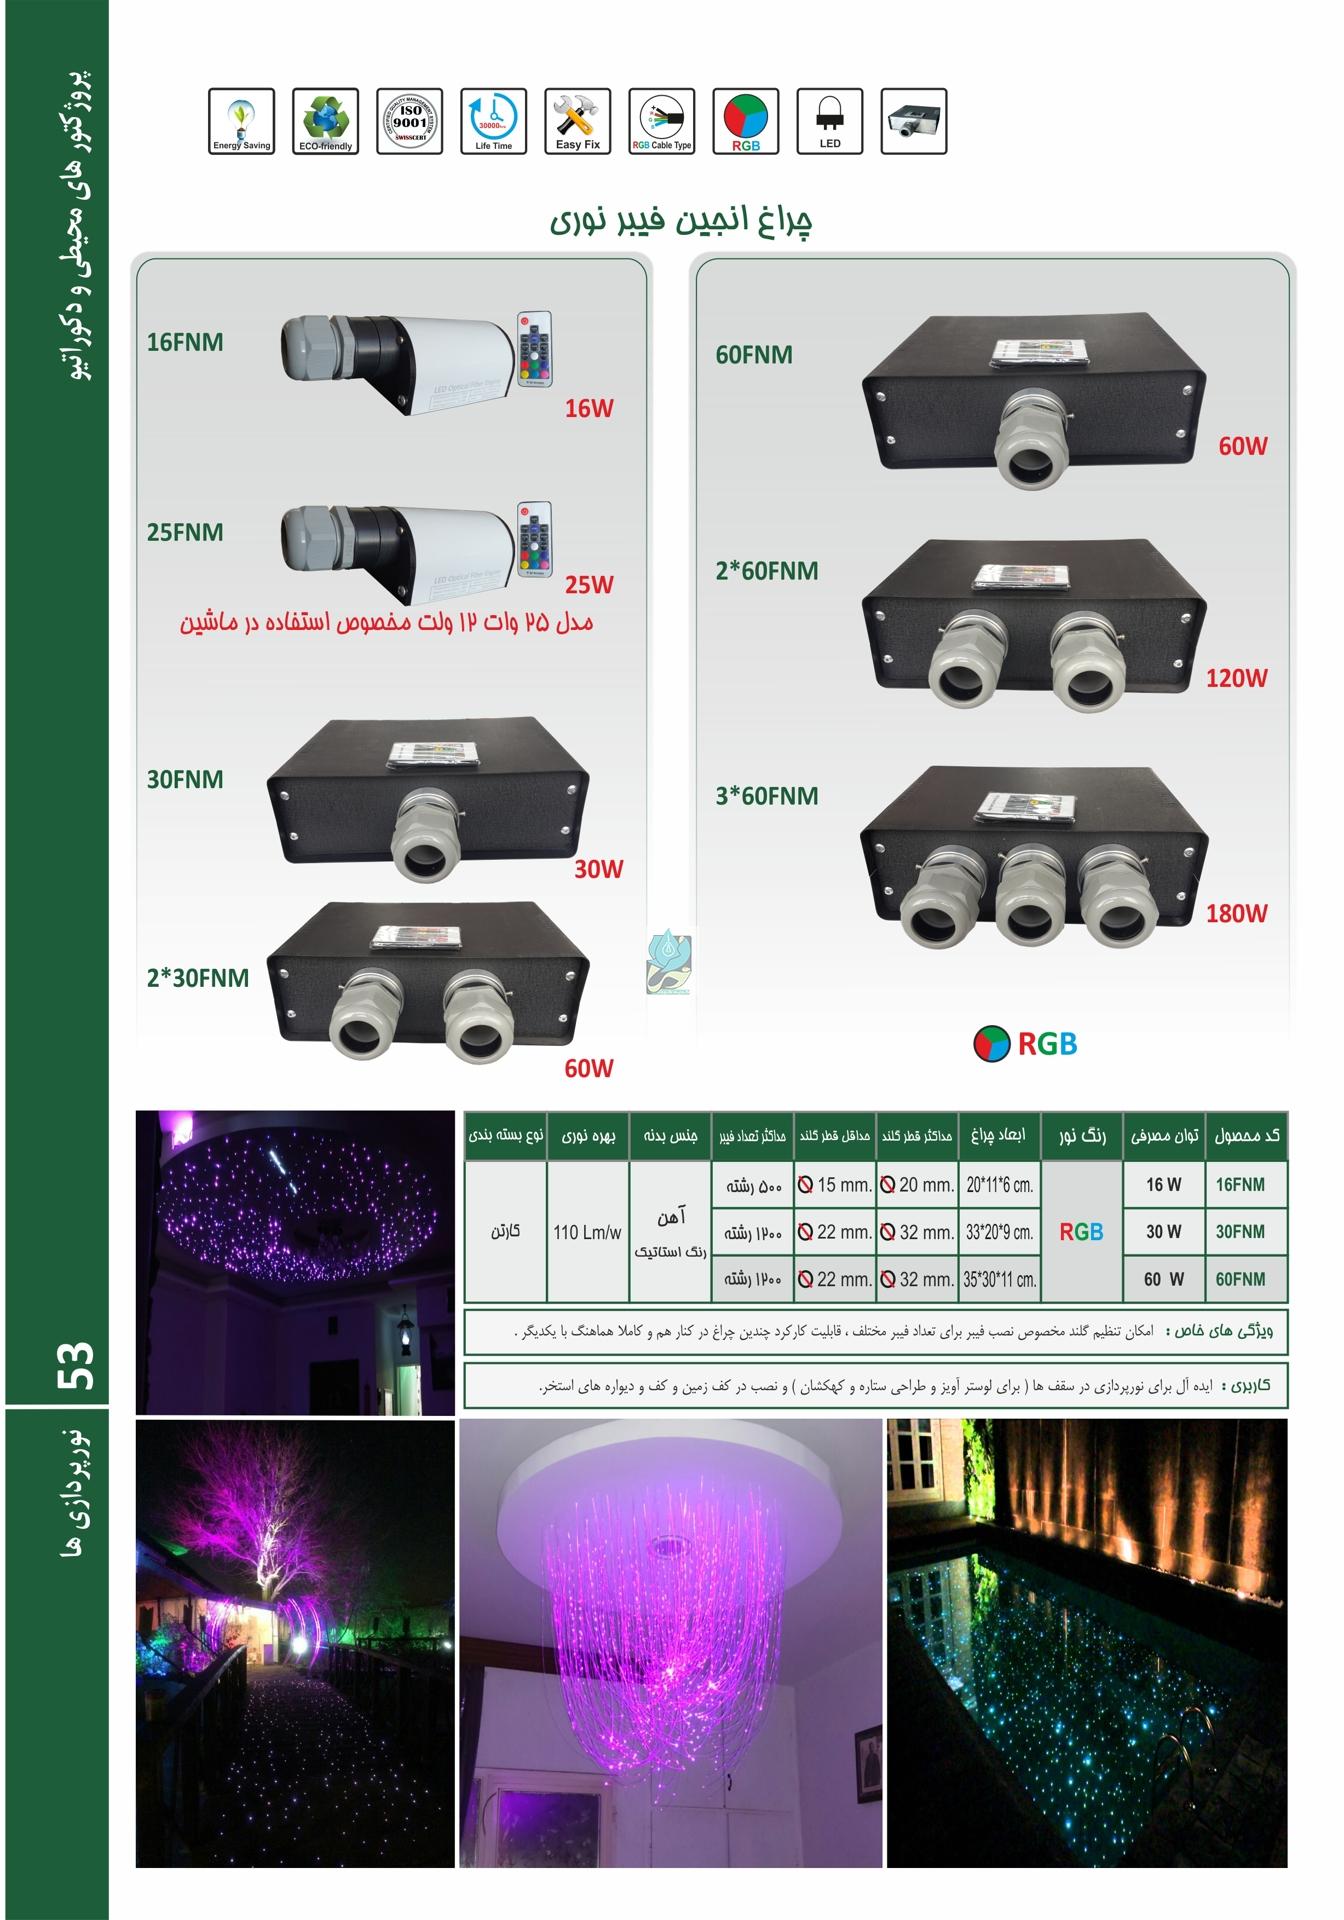 قیمت چراغ انجین فیبر نوری تک رنگ 60 وات - قیمت چراغ انجین - قیمت چراغ انجین فیبر نوری